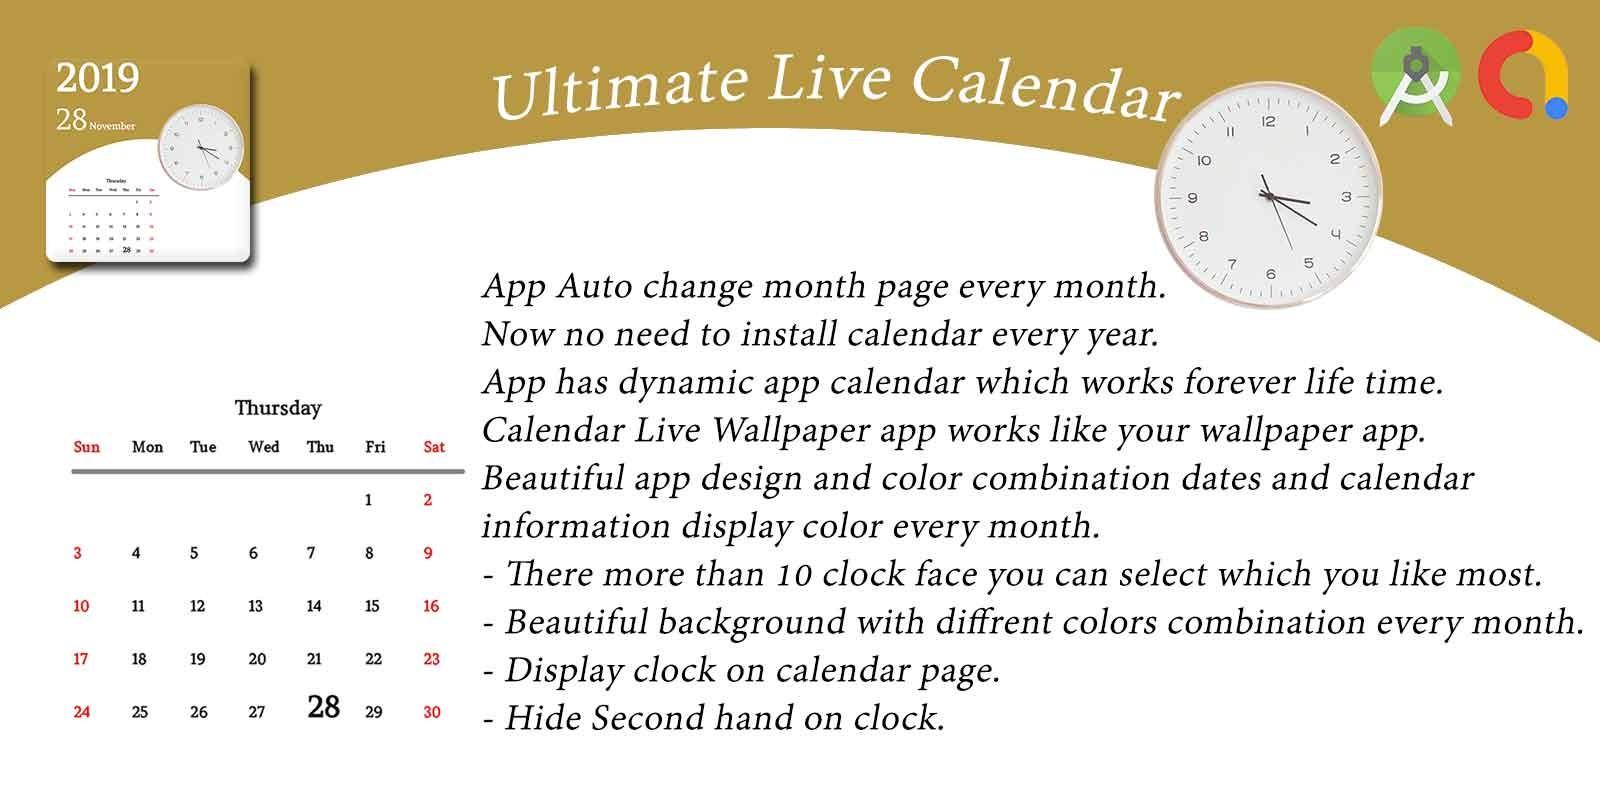 Ultimate Live Calendar